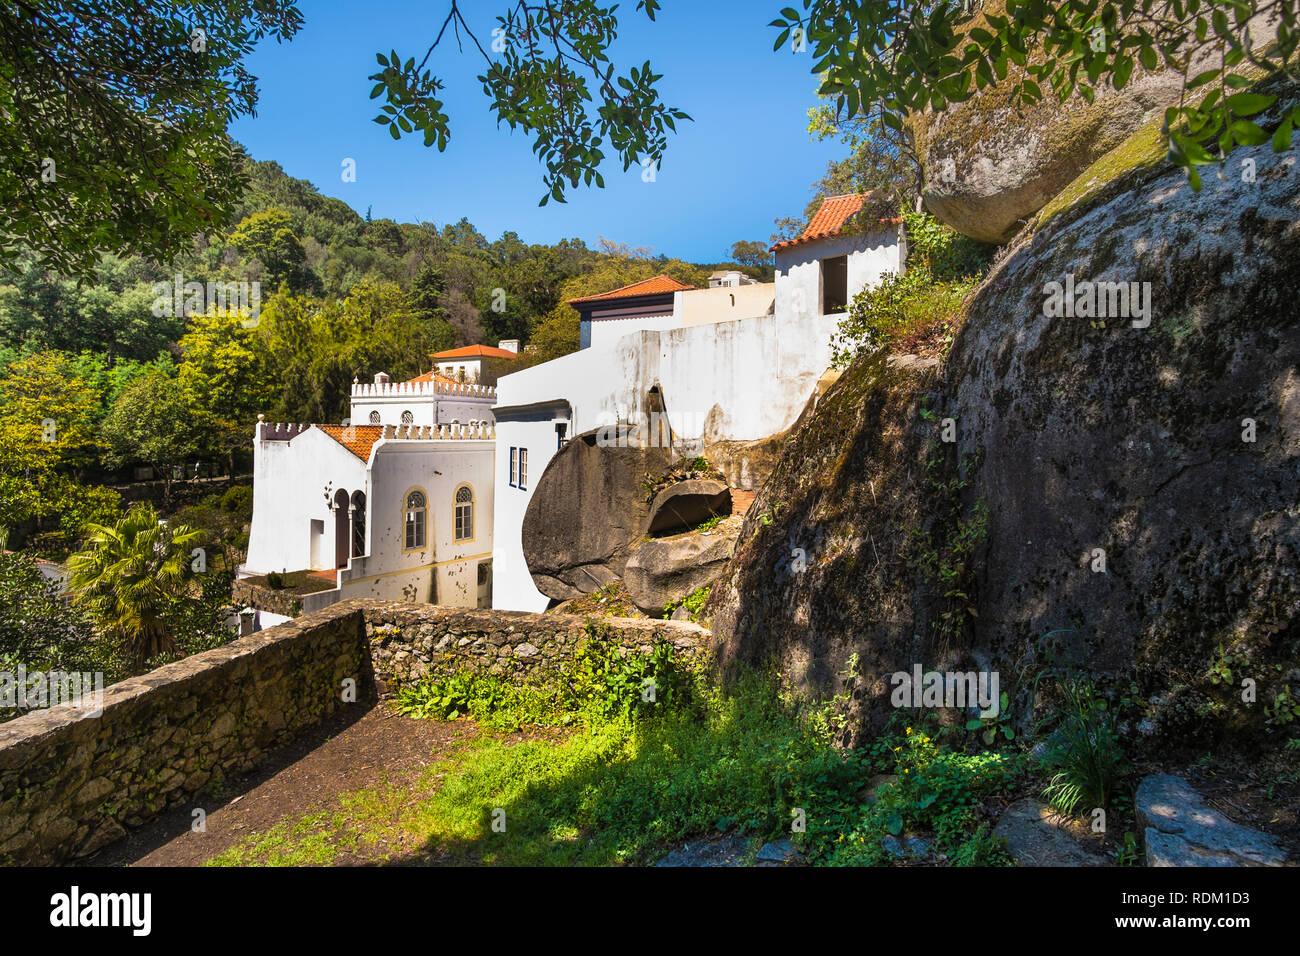 monchique spas - Stock Image